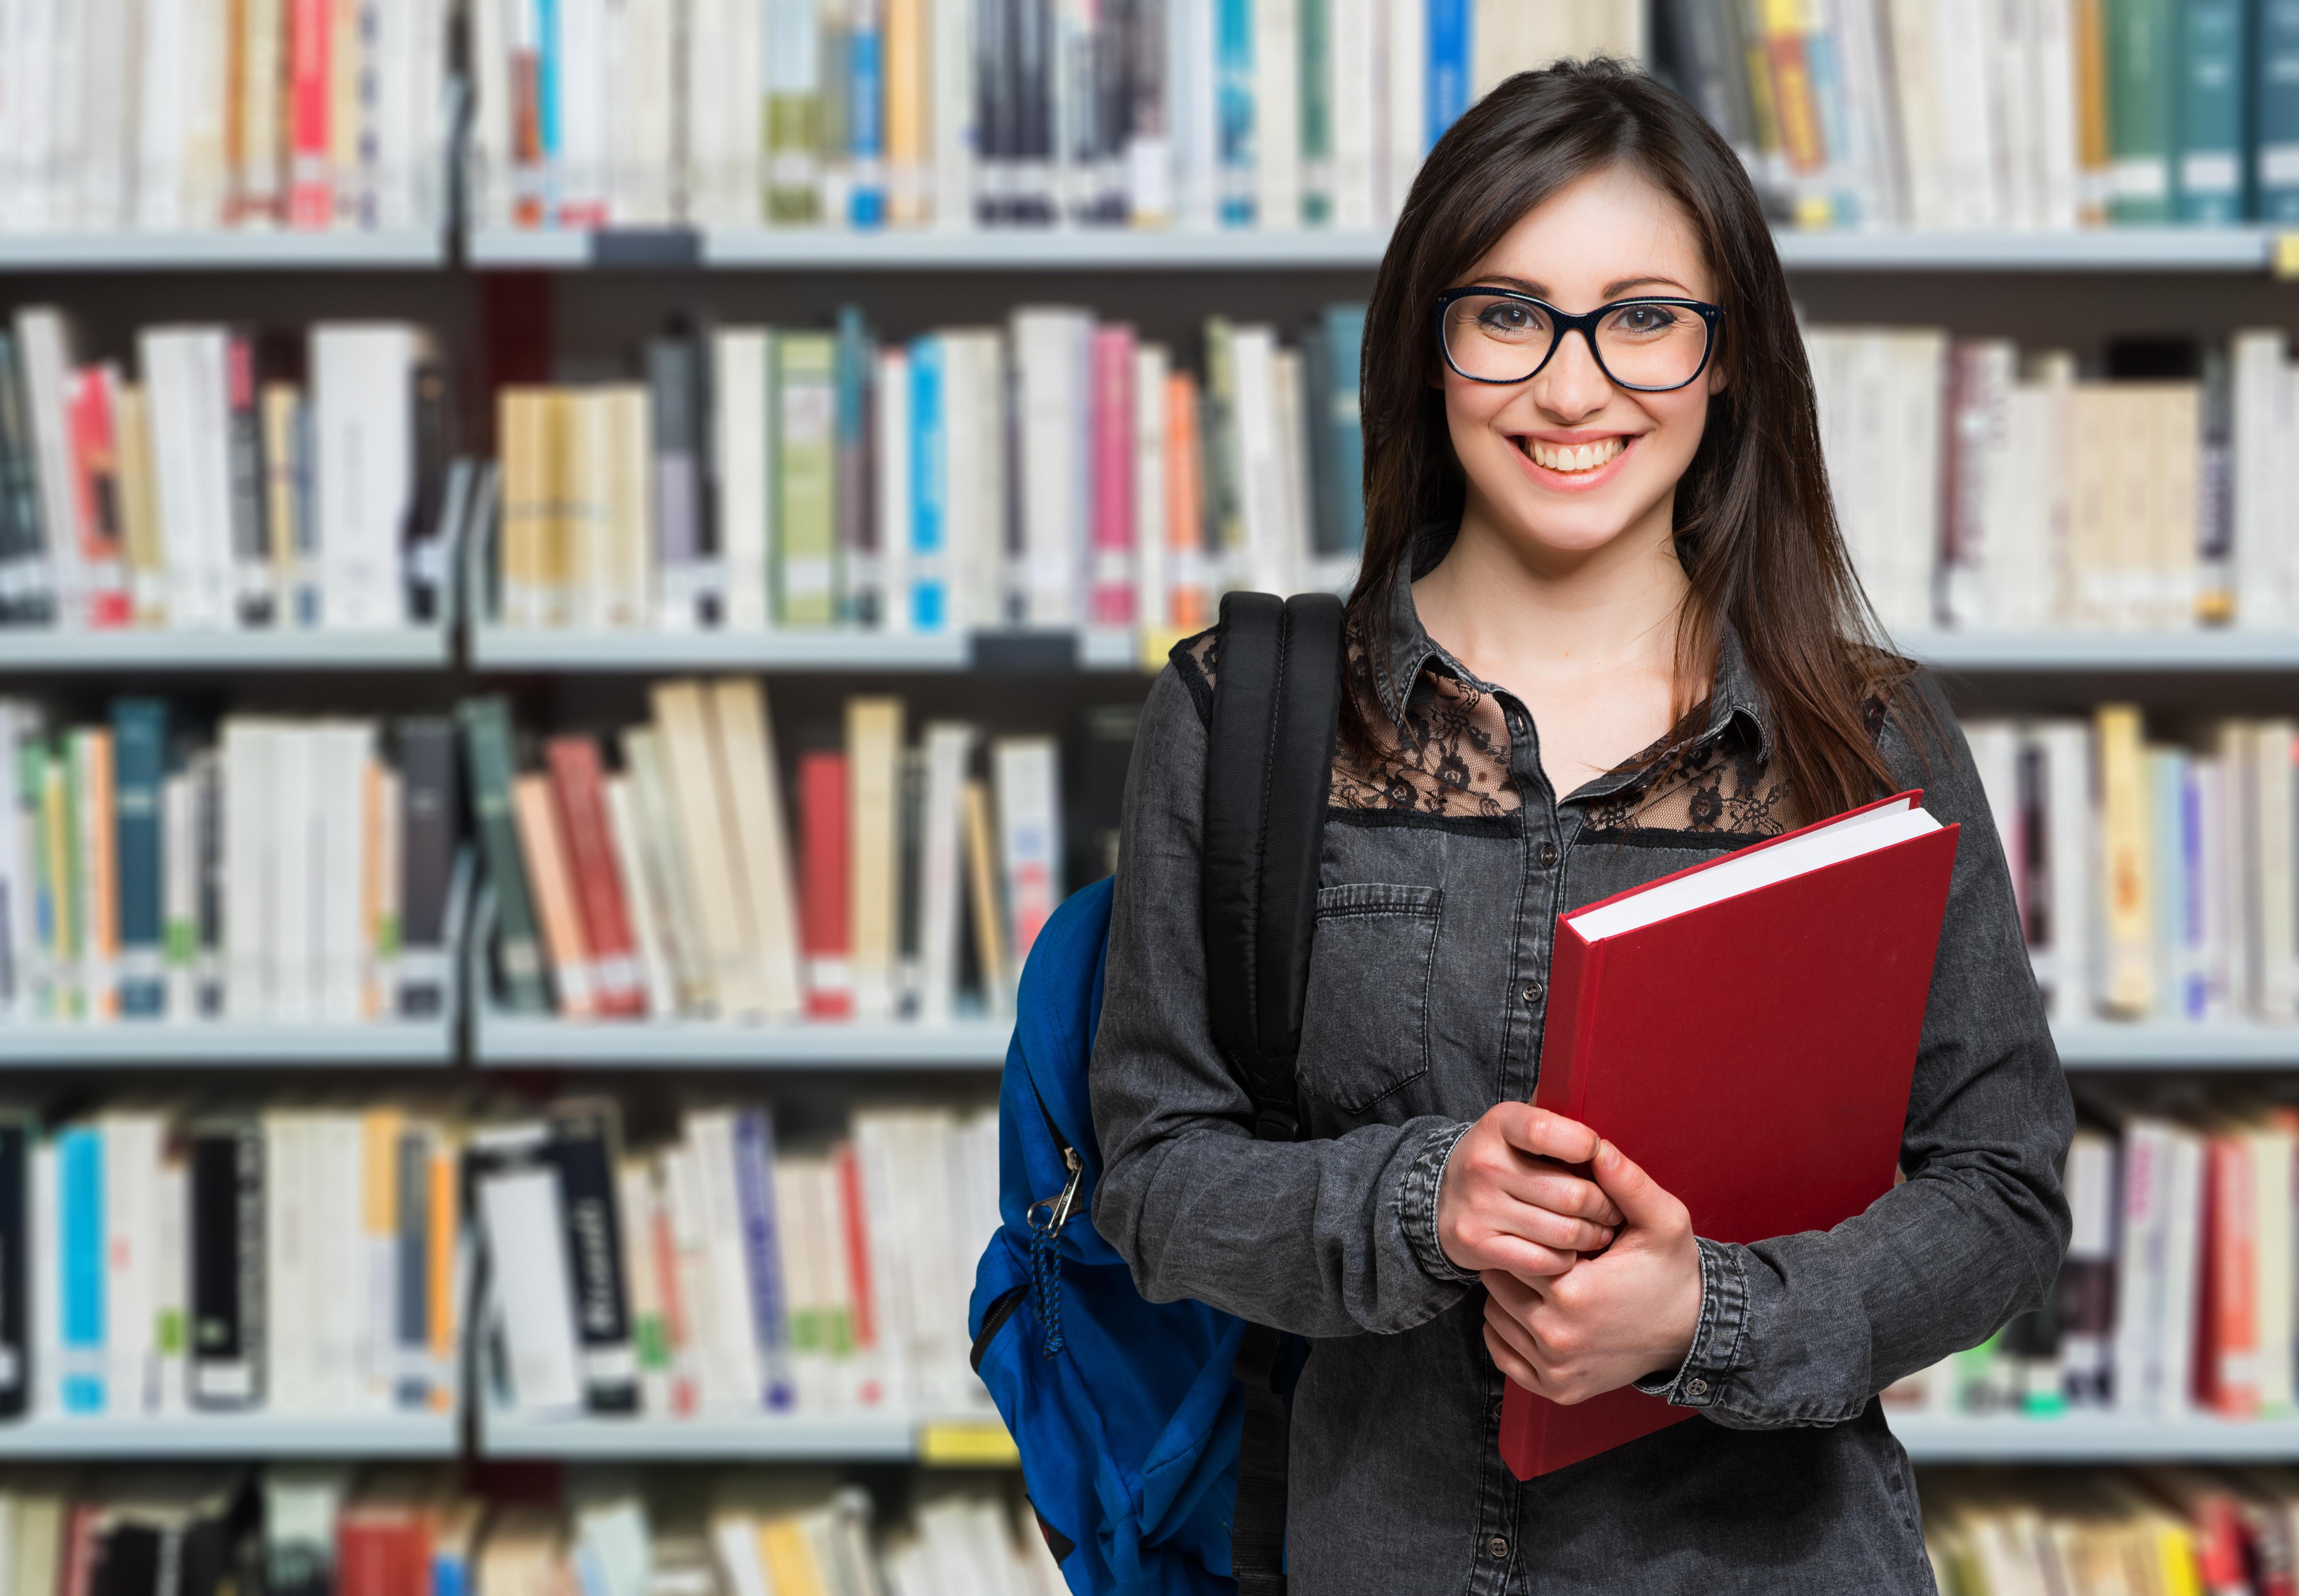 Česko je podle studentů ideální destinací. V anketě se Praha i Brno umístily v první pětce